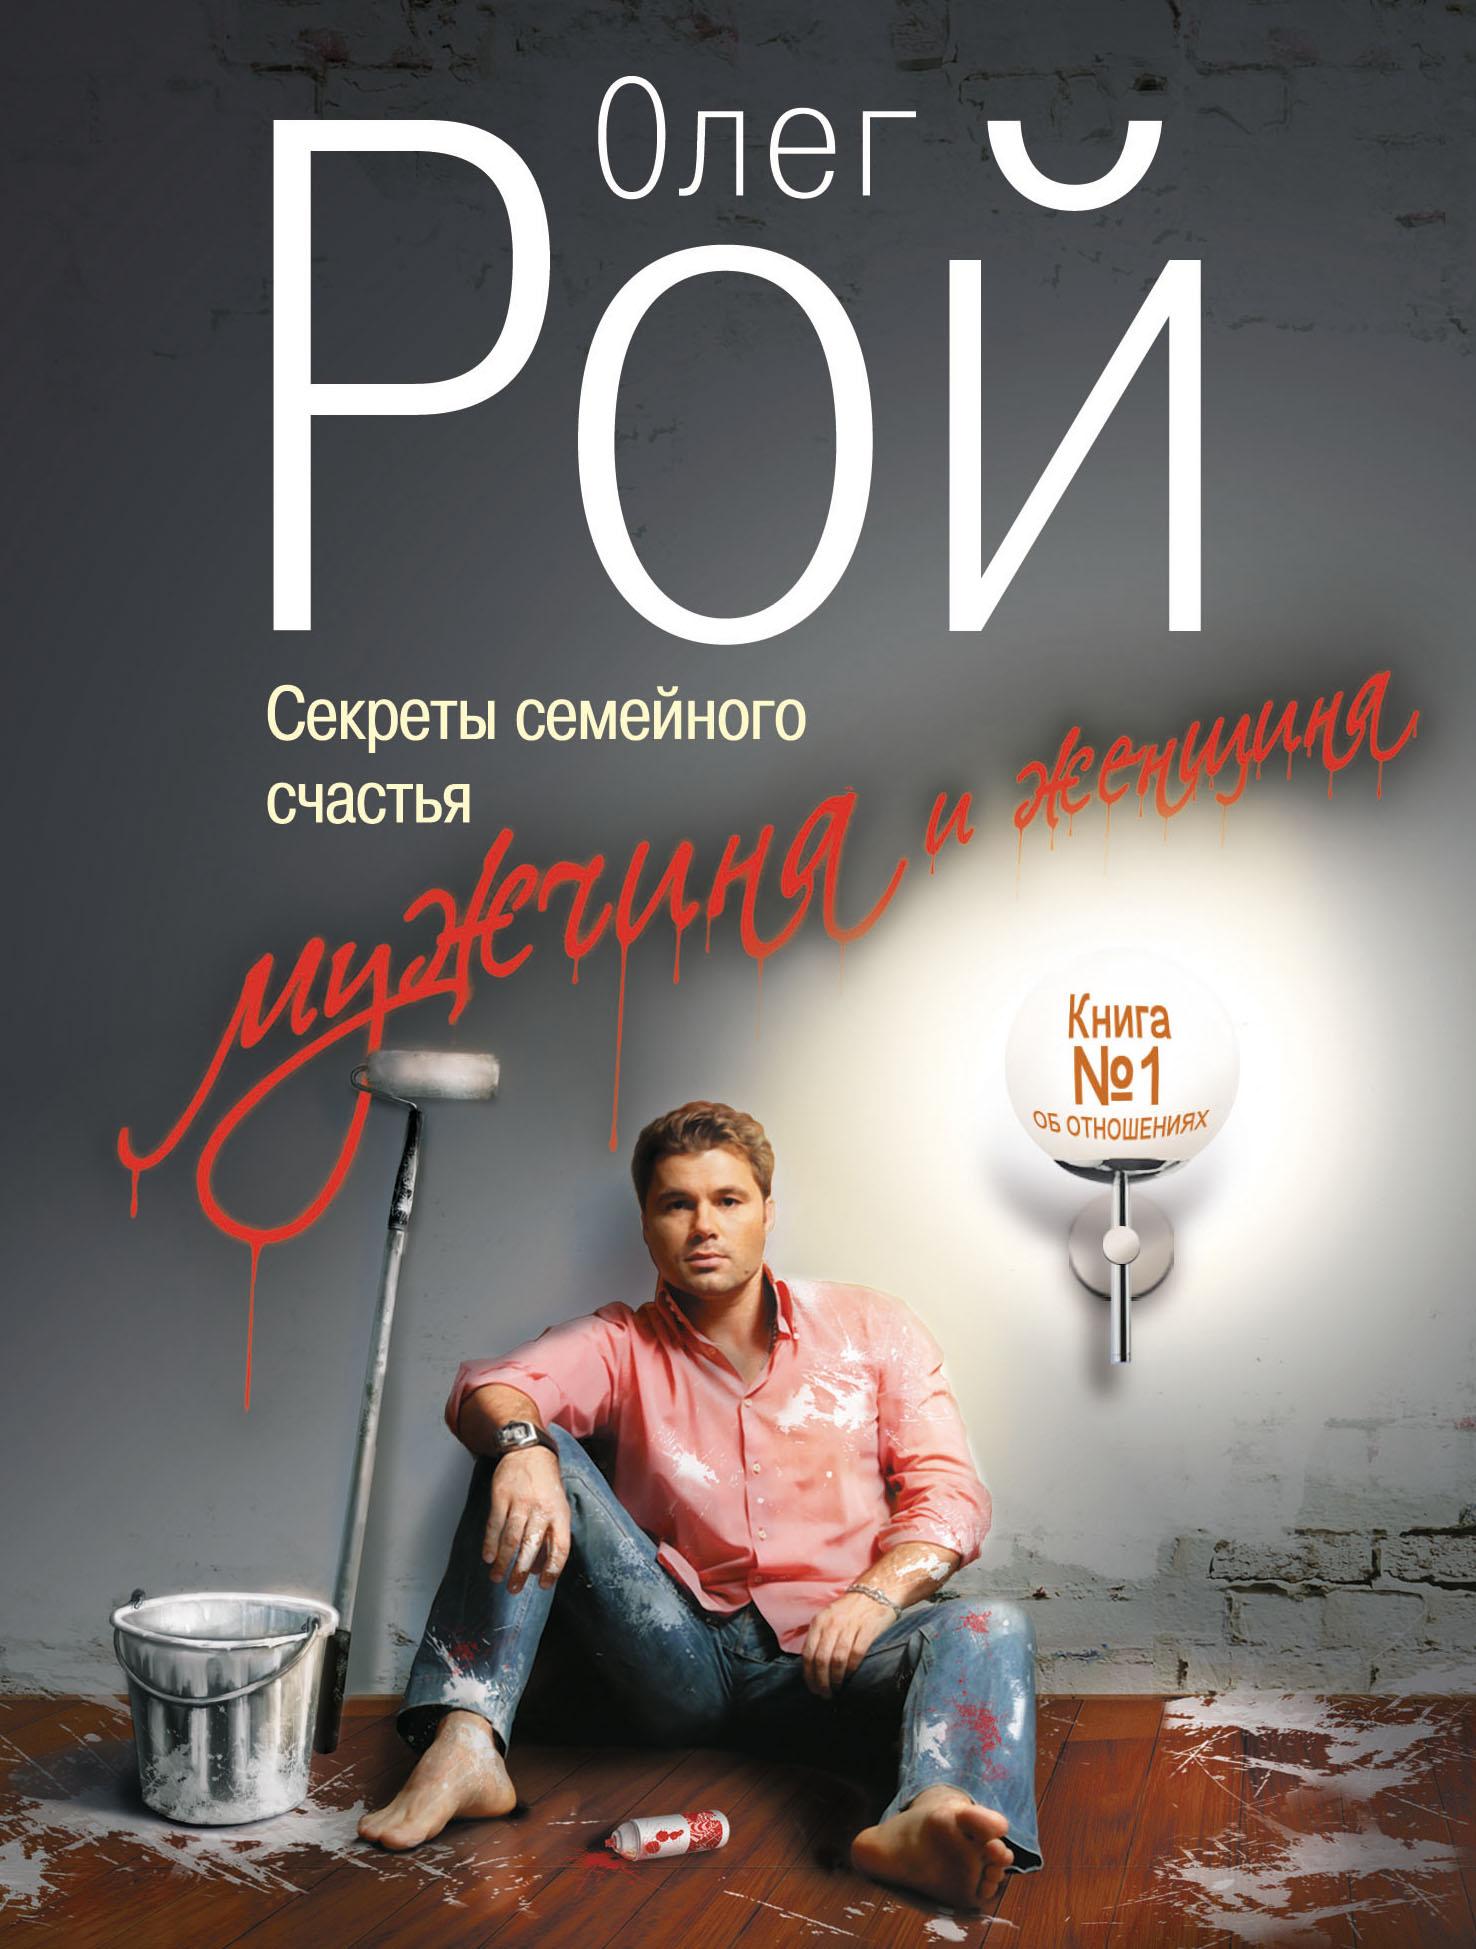 Олег Рой Мужчина и женщина